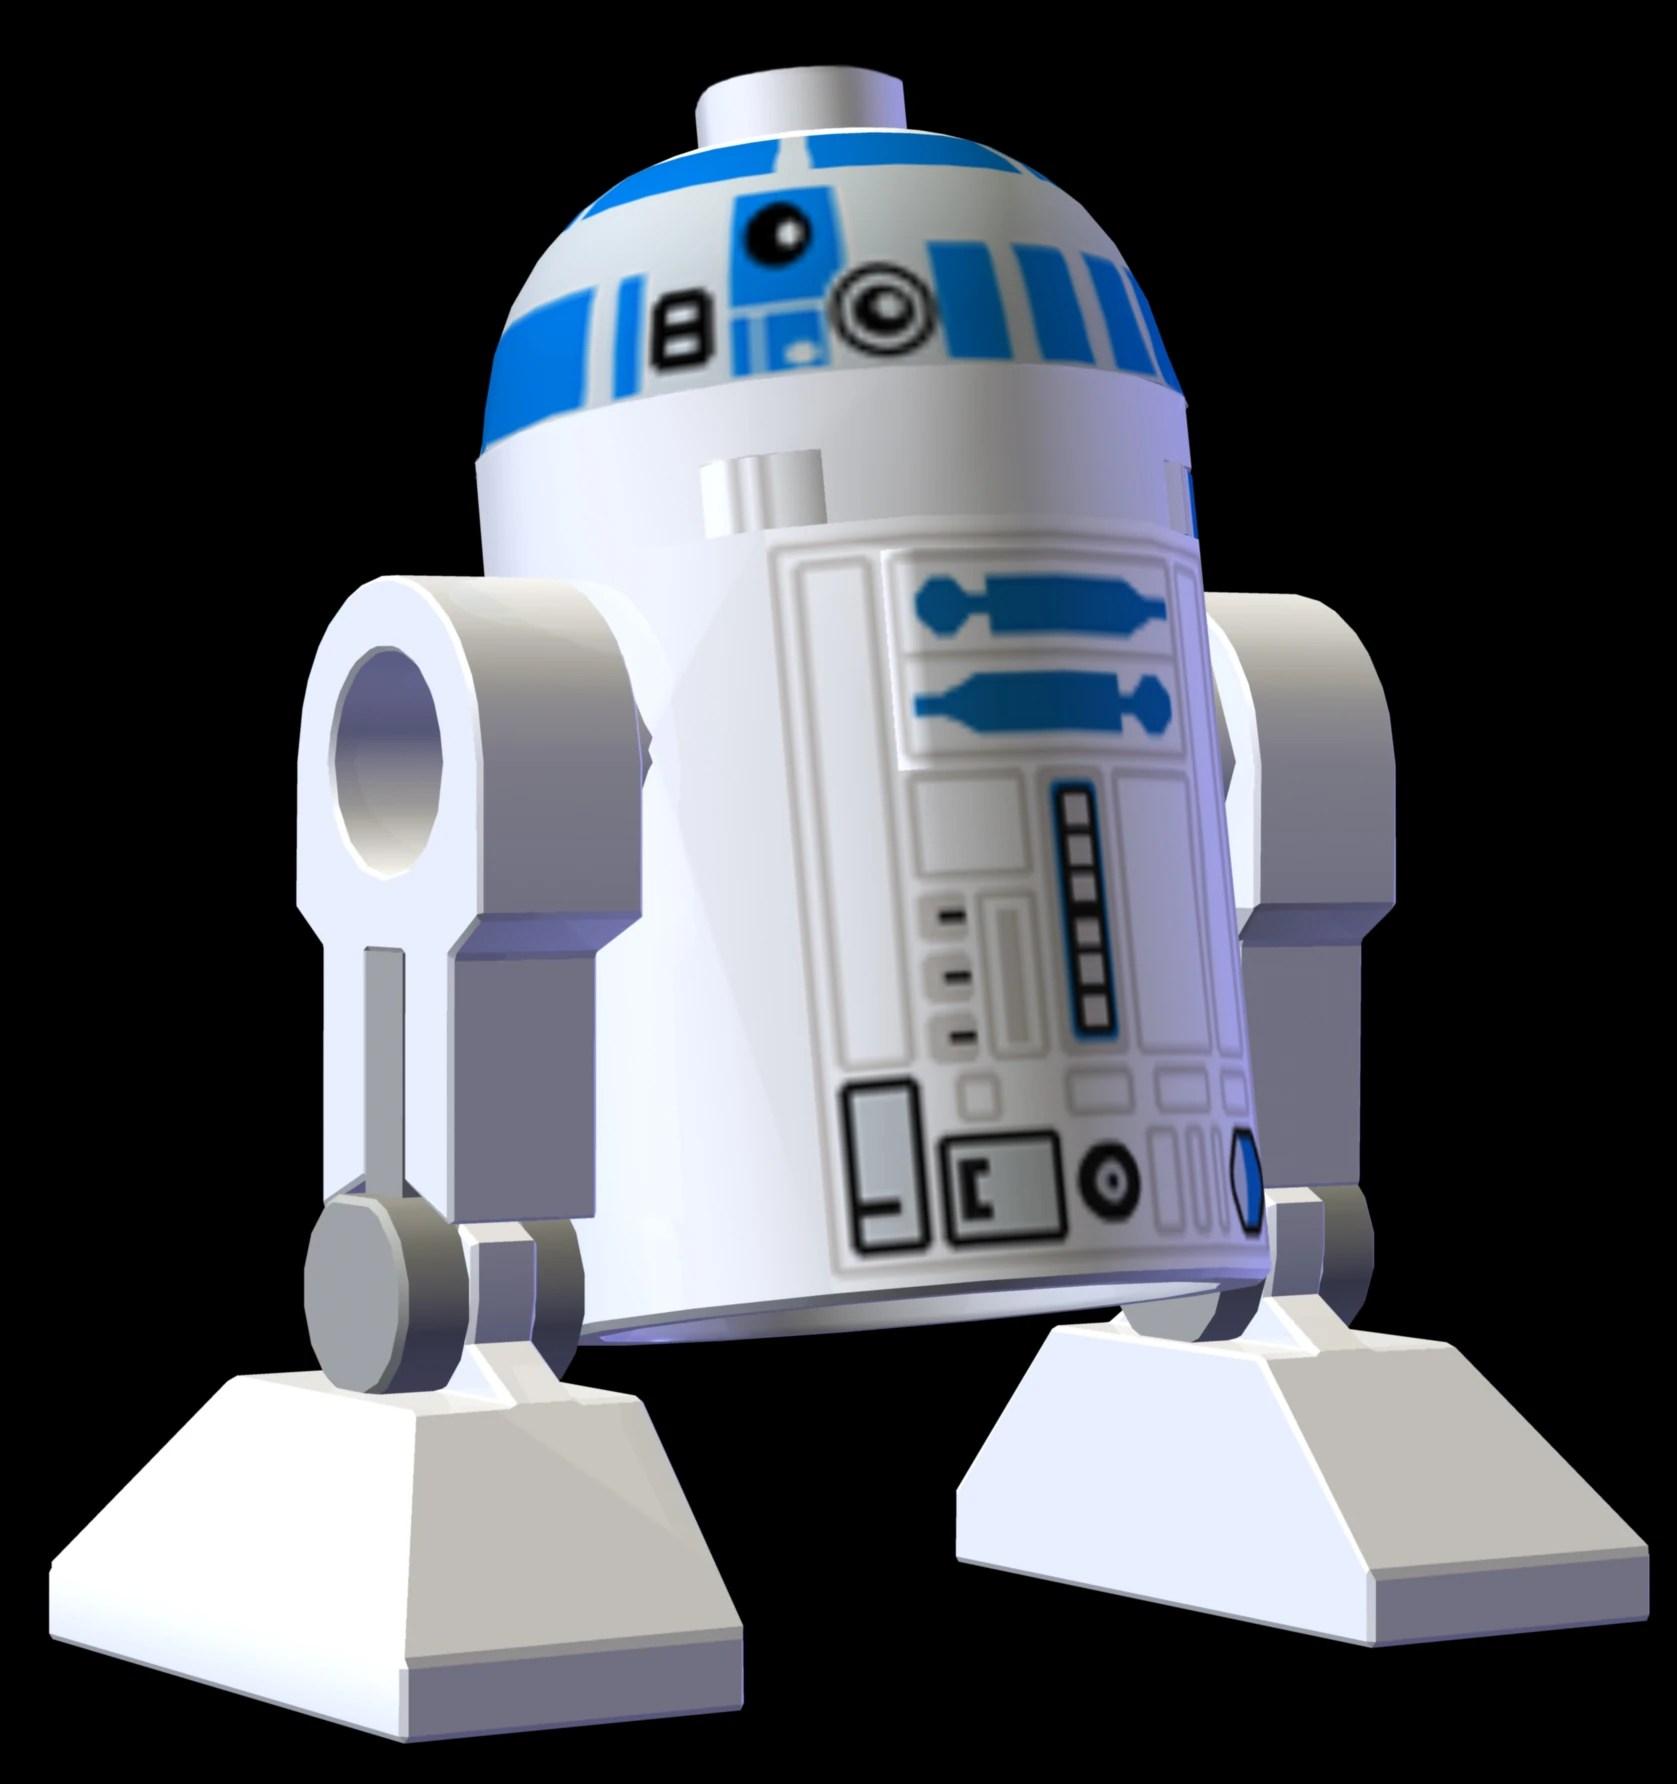 image lego r2d2 pose jpg lego star wars wiki fandom powered